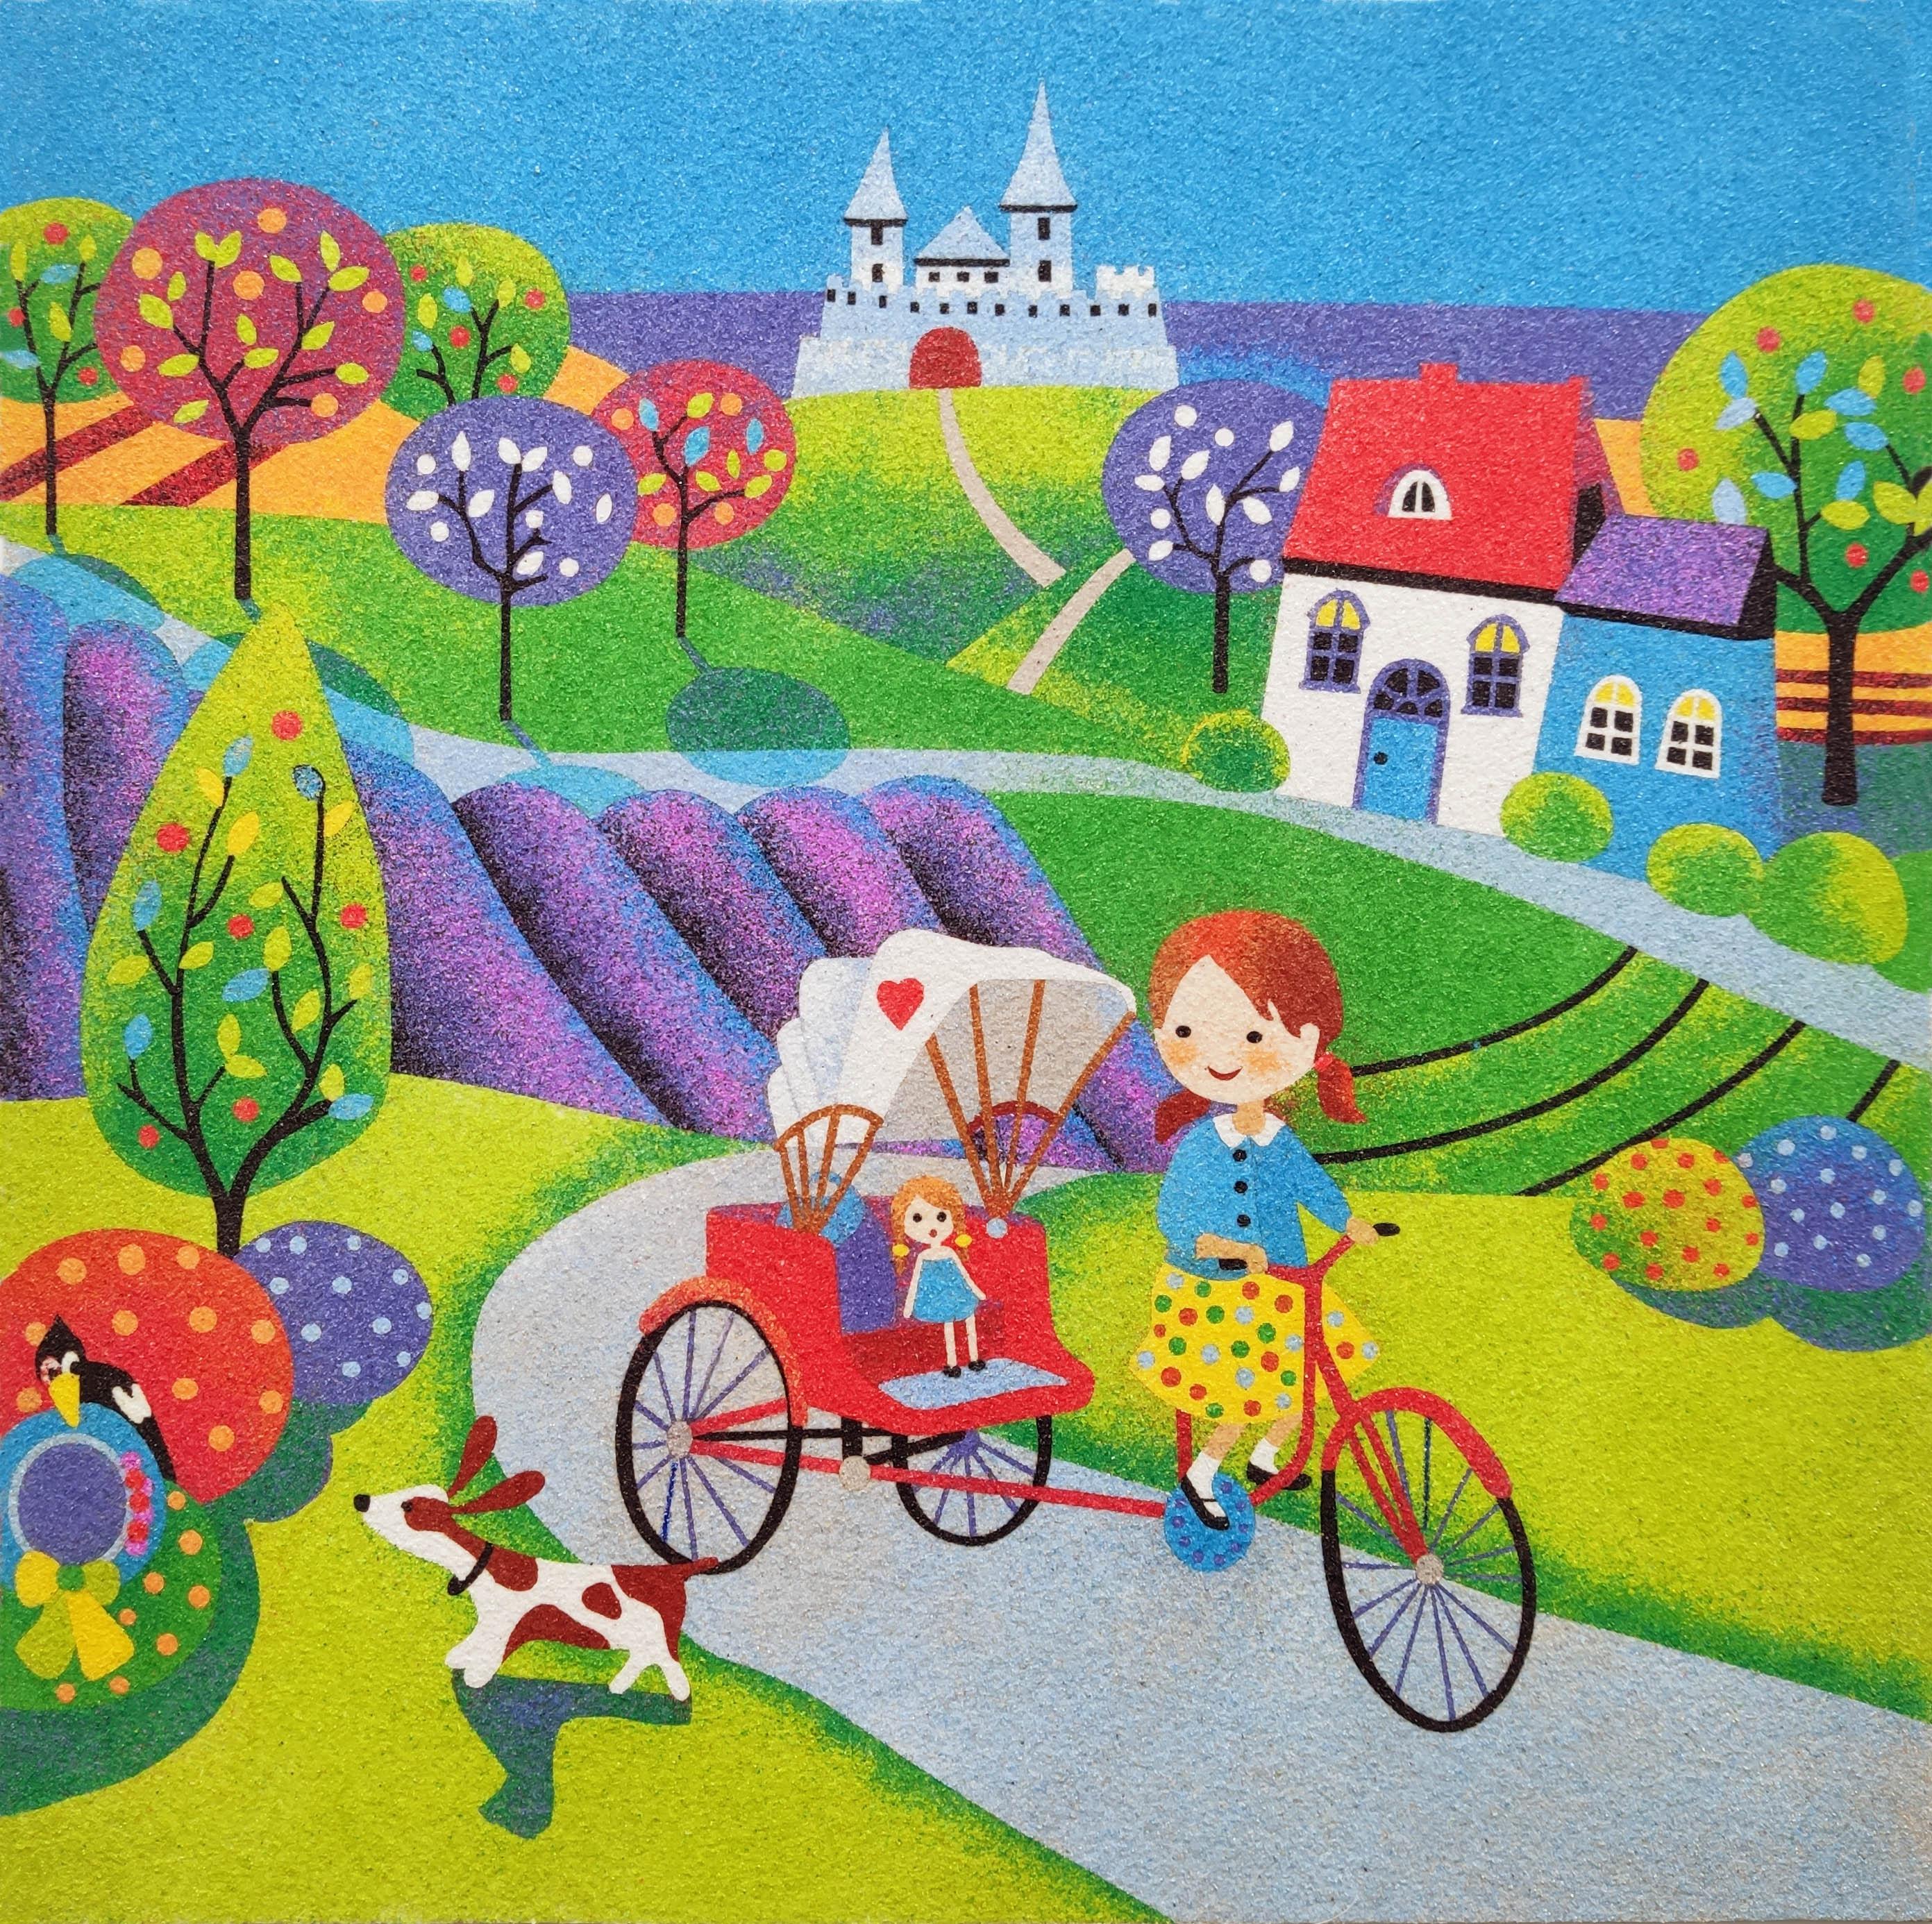 Pintar con arenas Bici Carrito 38x38 cm